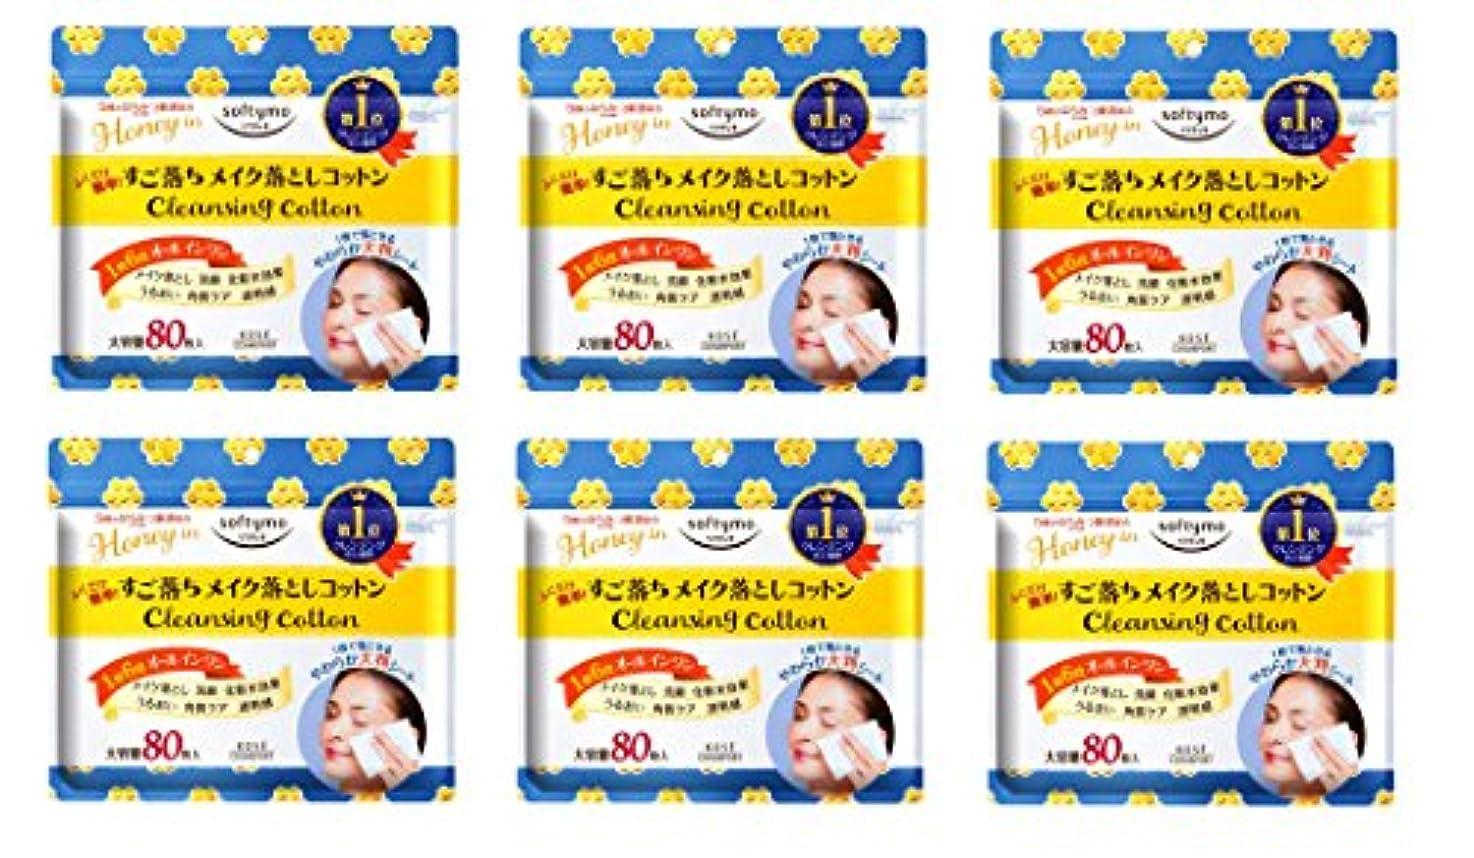 ドームアフリカ人虎【まとめ買い】KOSE コーセー ソフティモ クレンジングコットン (ハニーマイルド) 80枚×6個